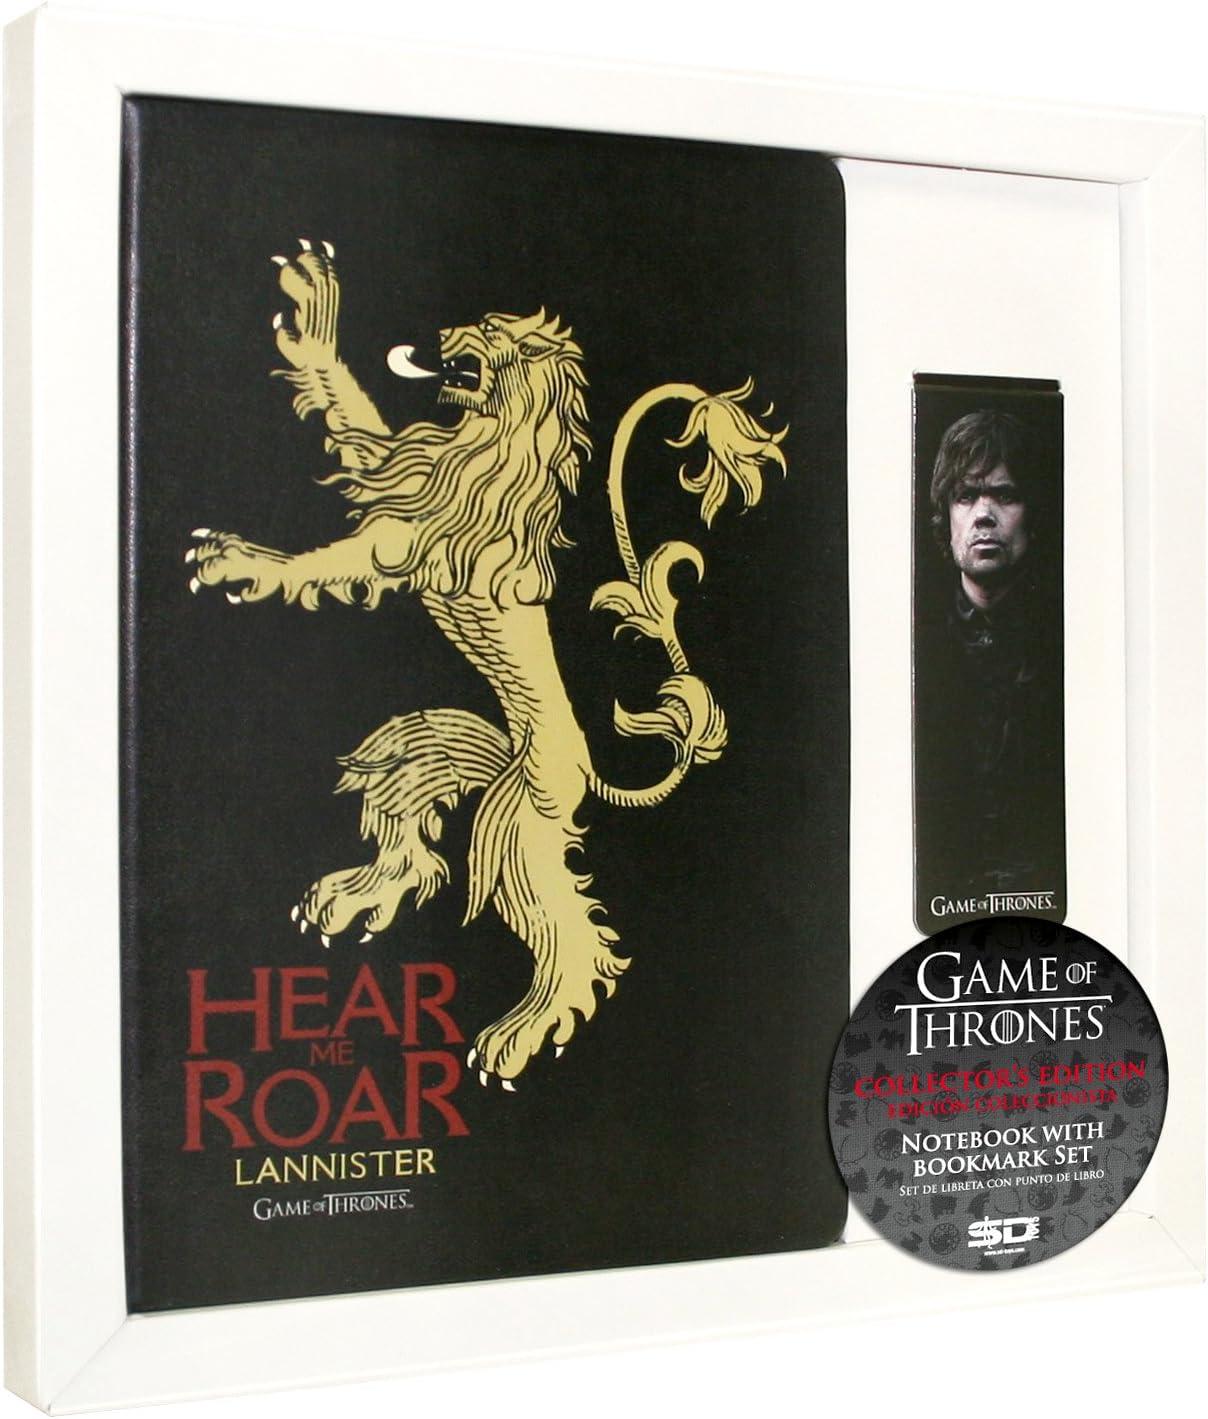 SD toys - Game of Thrones, Lannister, Set libreta y Punto de Libro (SDTHBO02077): Amazon.es: Juguetes y juegos